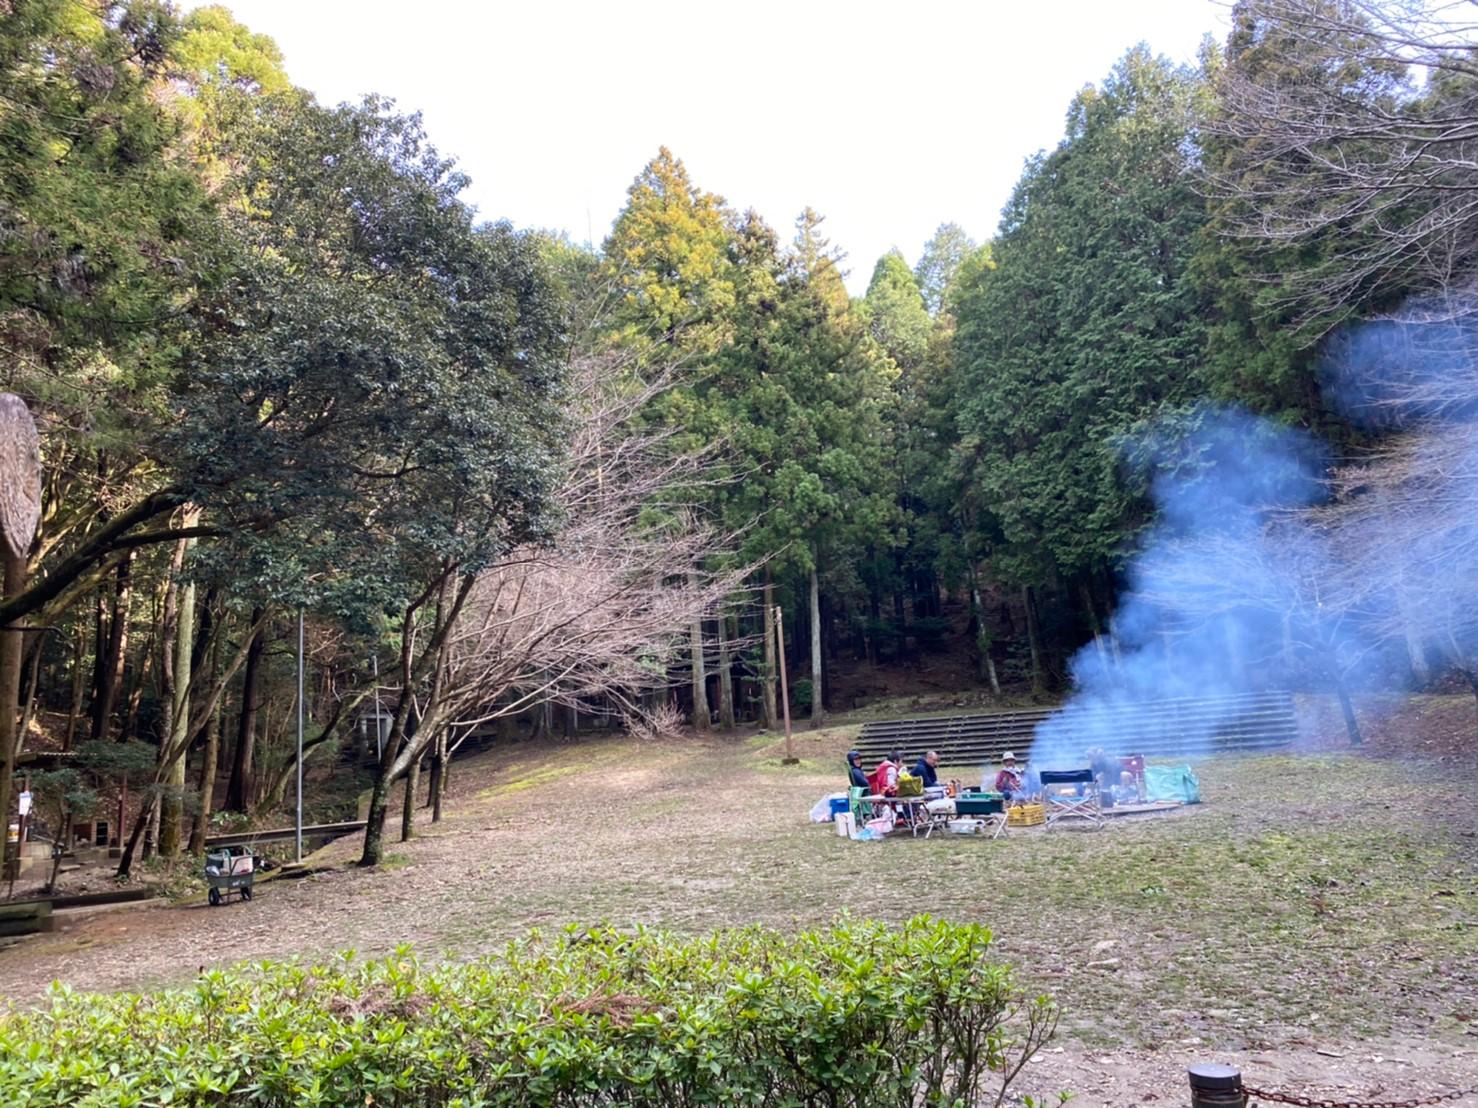 【名古屋から1時間で大自然!】愛知県『桑谷キャンプ場』の情報まとめ(駐車場・トイレ)